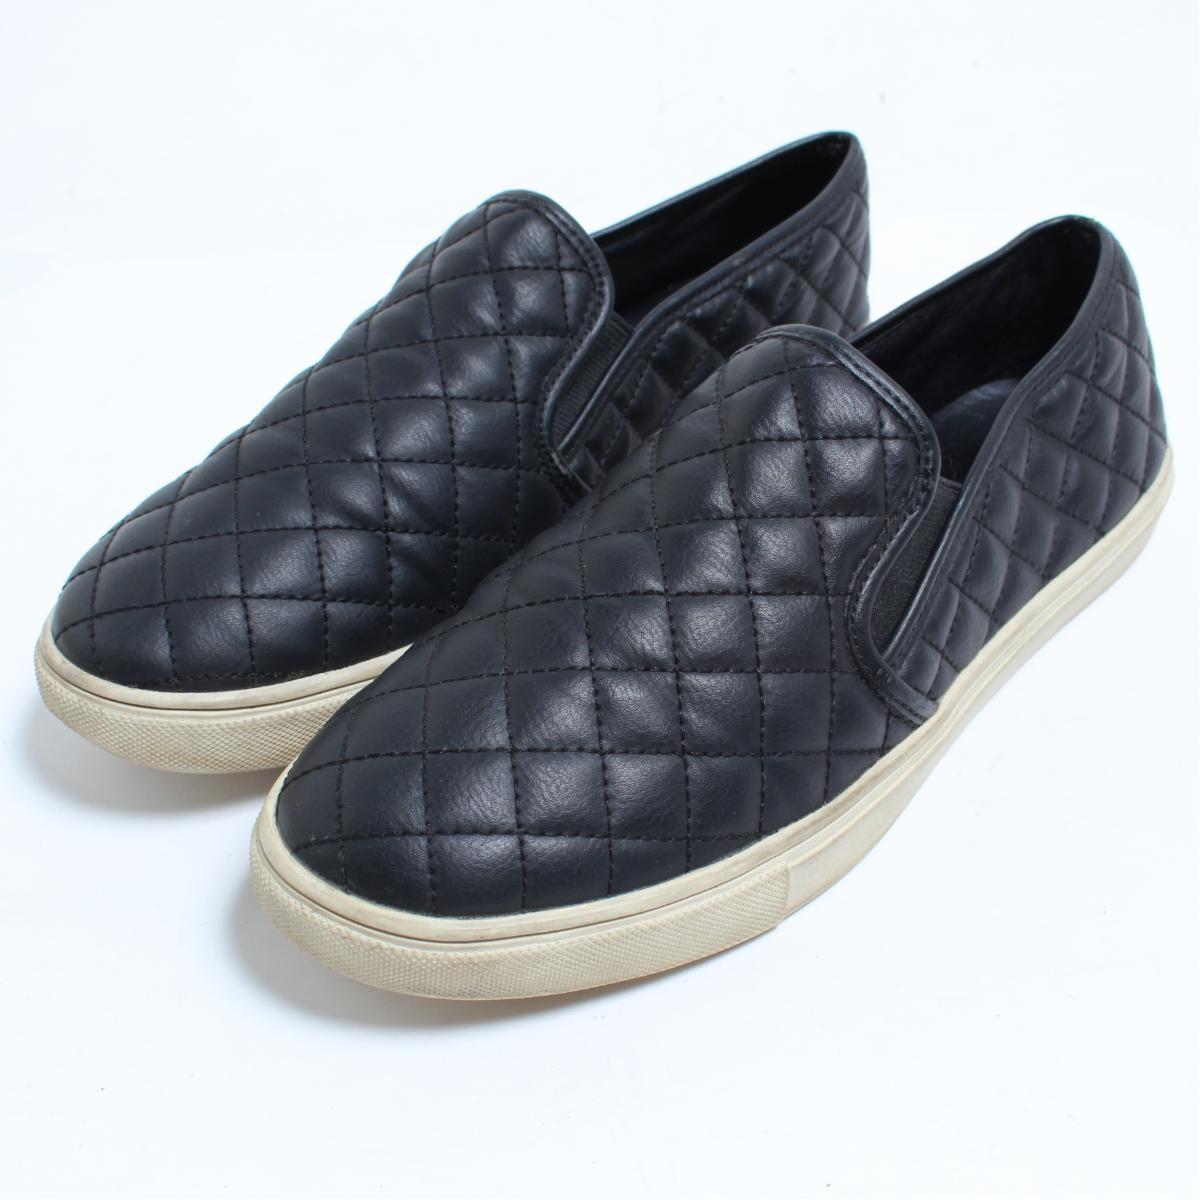 59d8bc2512f Steve Ma den STEVE MADDEN sneakers 9B men 26.0cm /boo1710